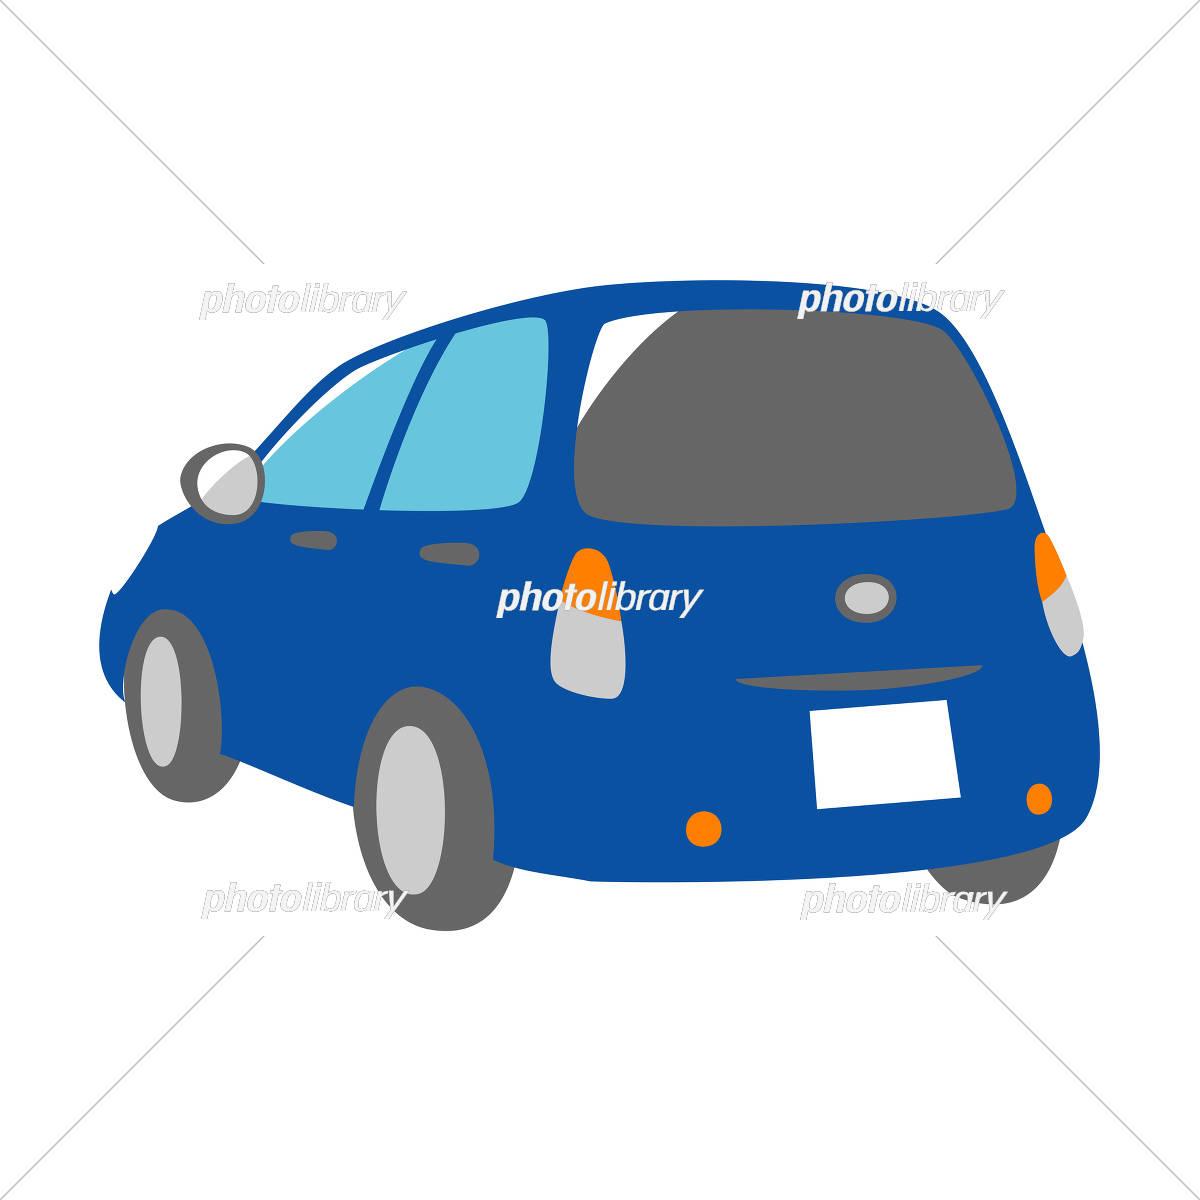 青い車 斜め背面 イラスト素材 [ 5327197 ] - フォトライブラリー